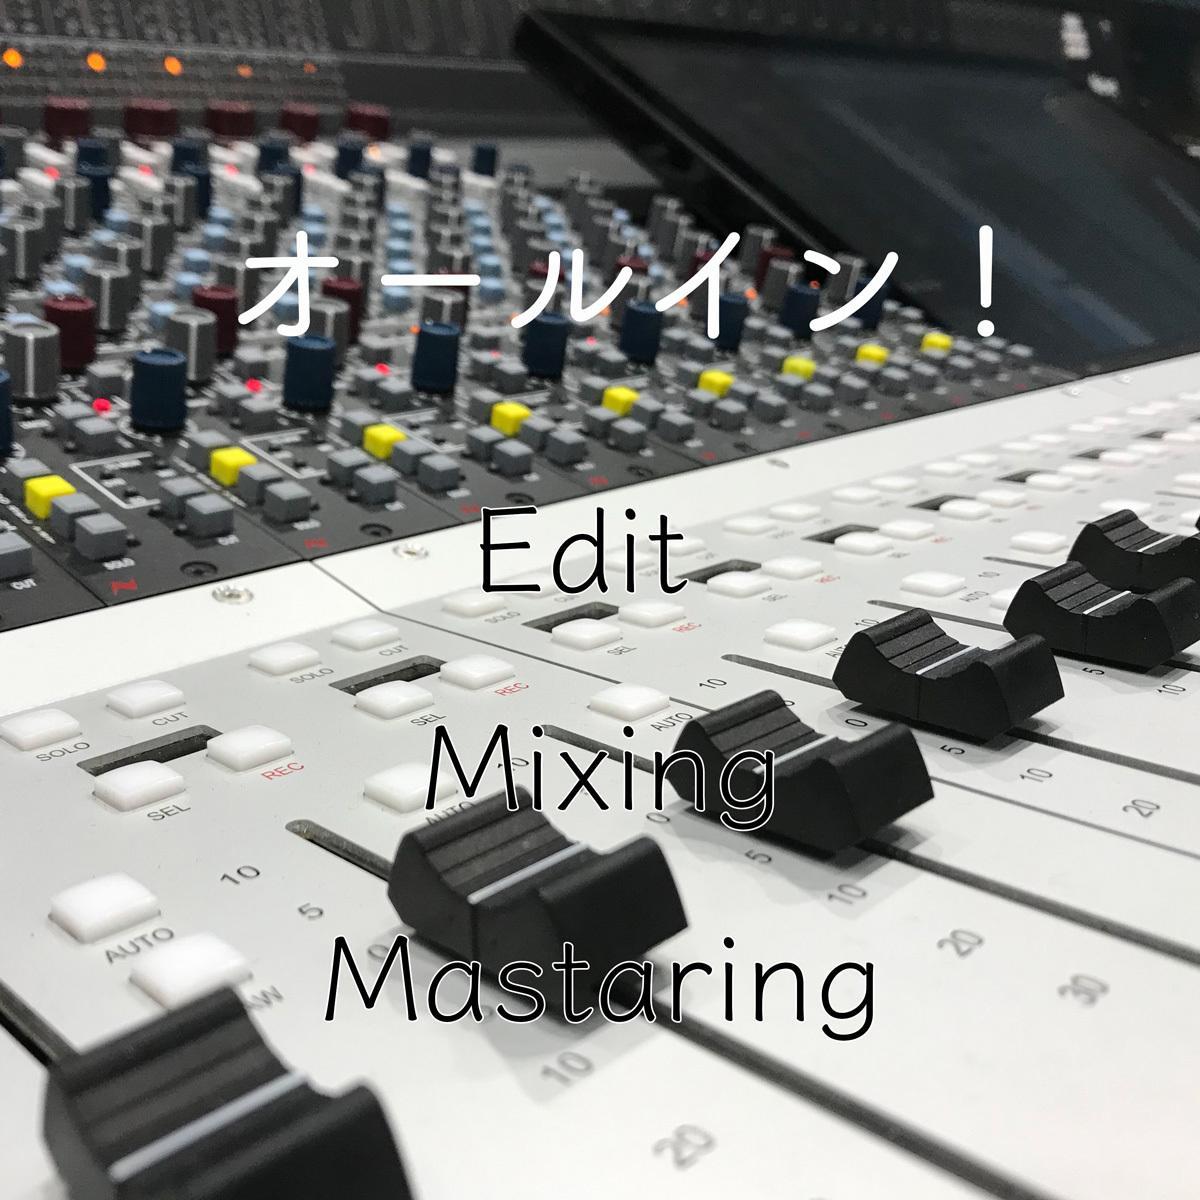 メジャークオリティーの楽曲に仕上げます 編集からミックス、マスタリングまでのオールインワンプラン! イメージ1